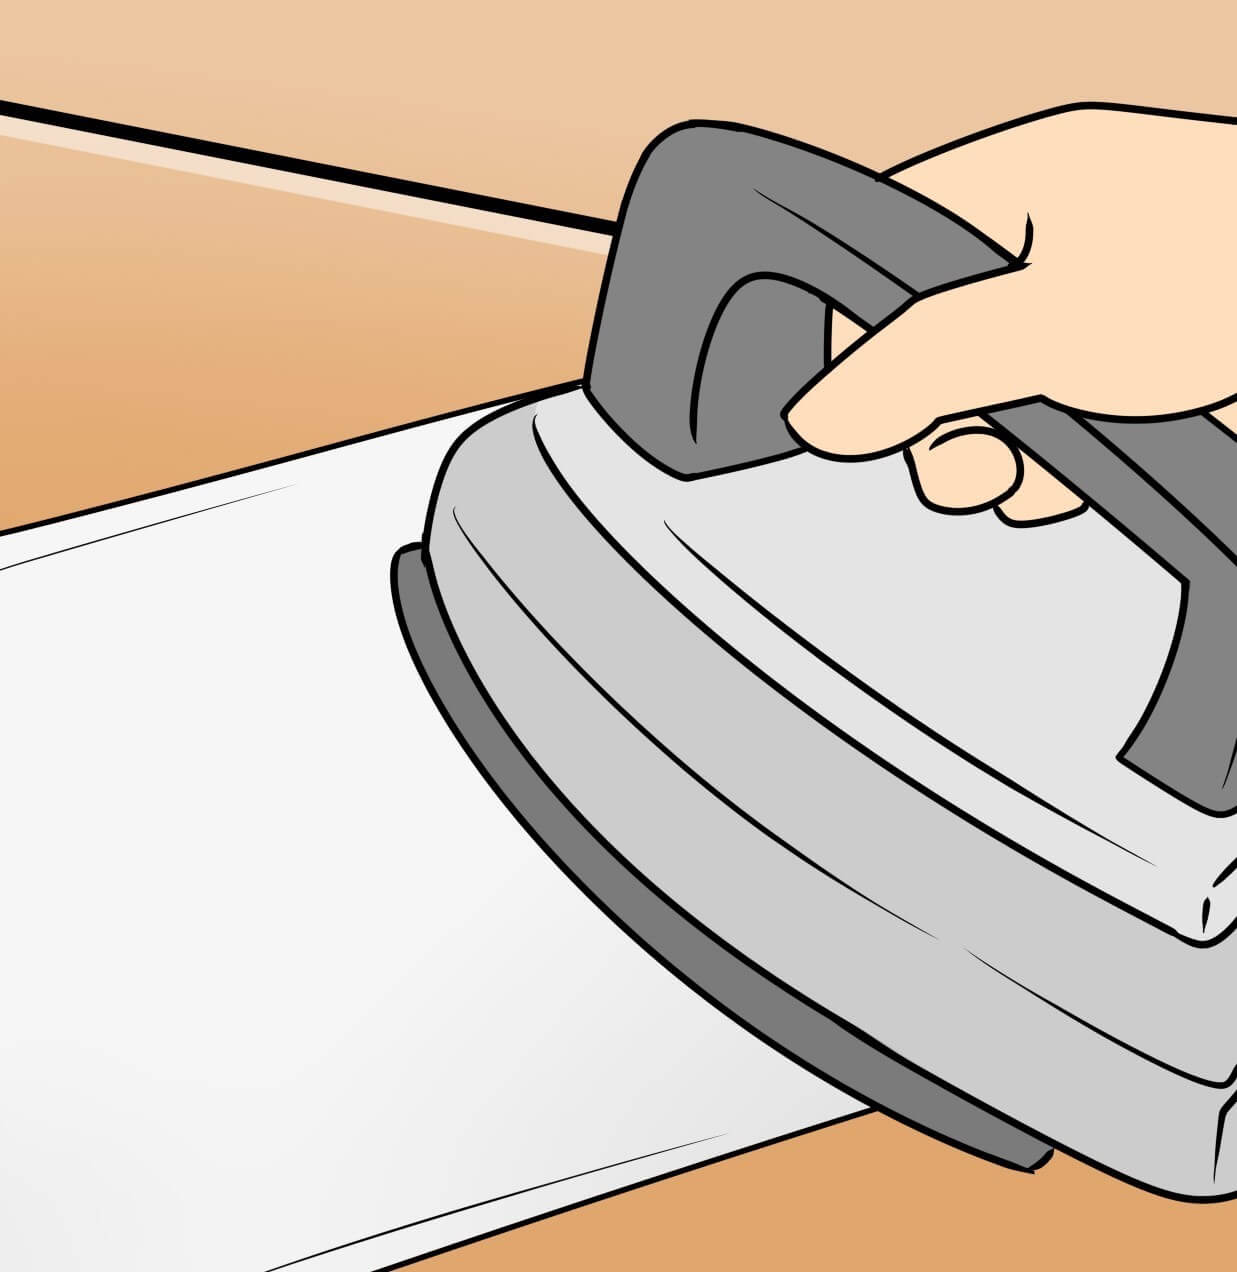 へこみの部分を布巾の上からアイロンで押さえつける